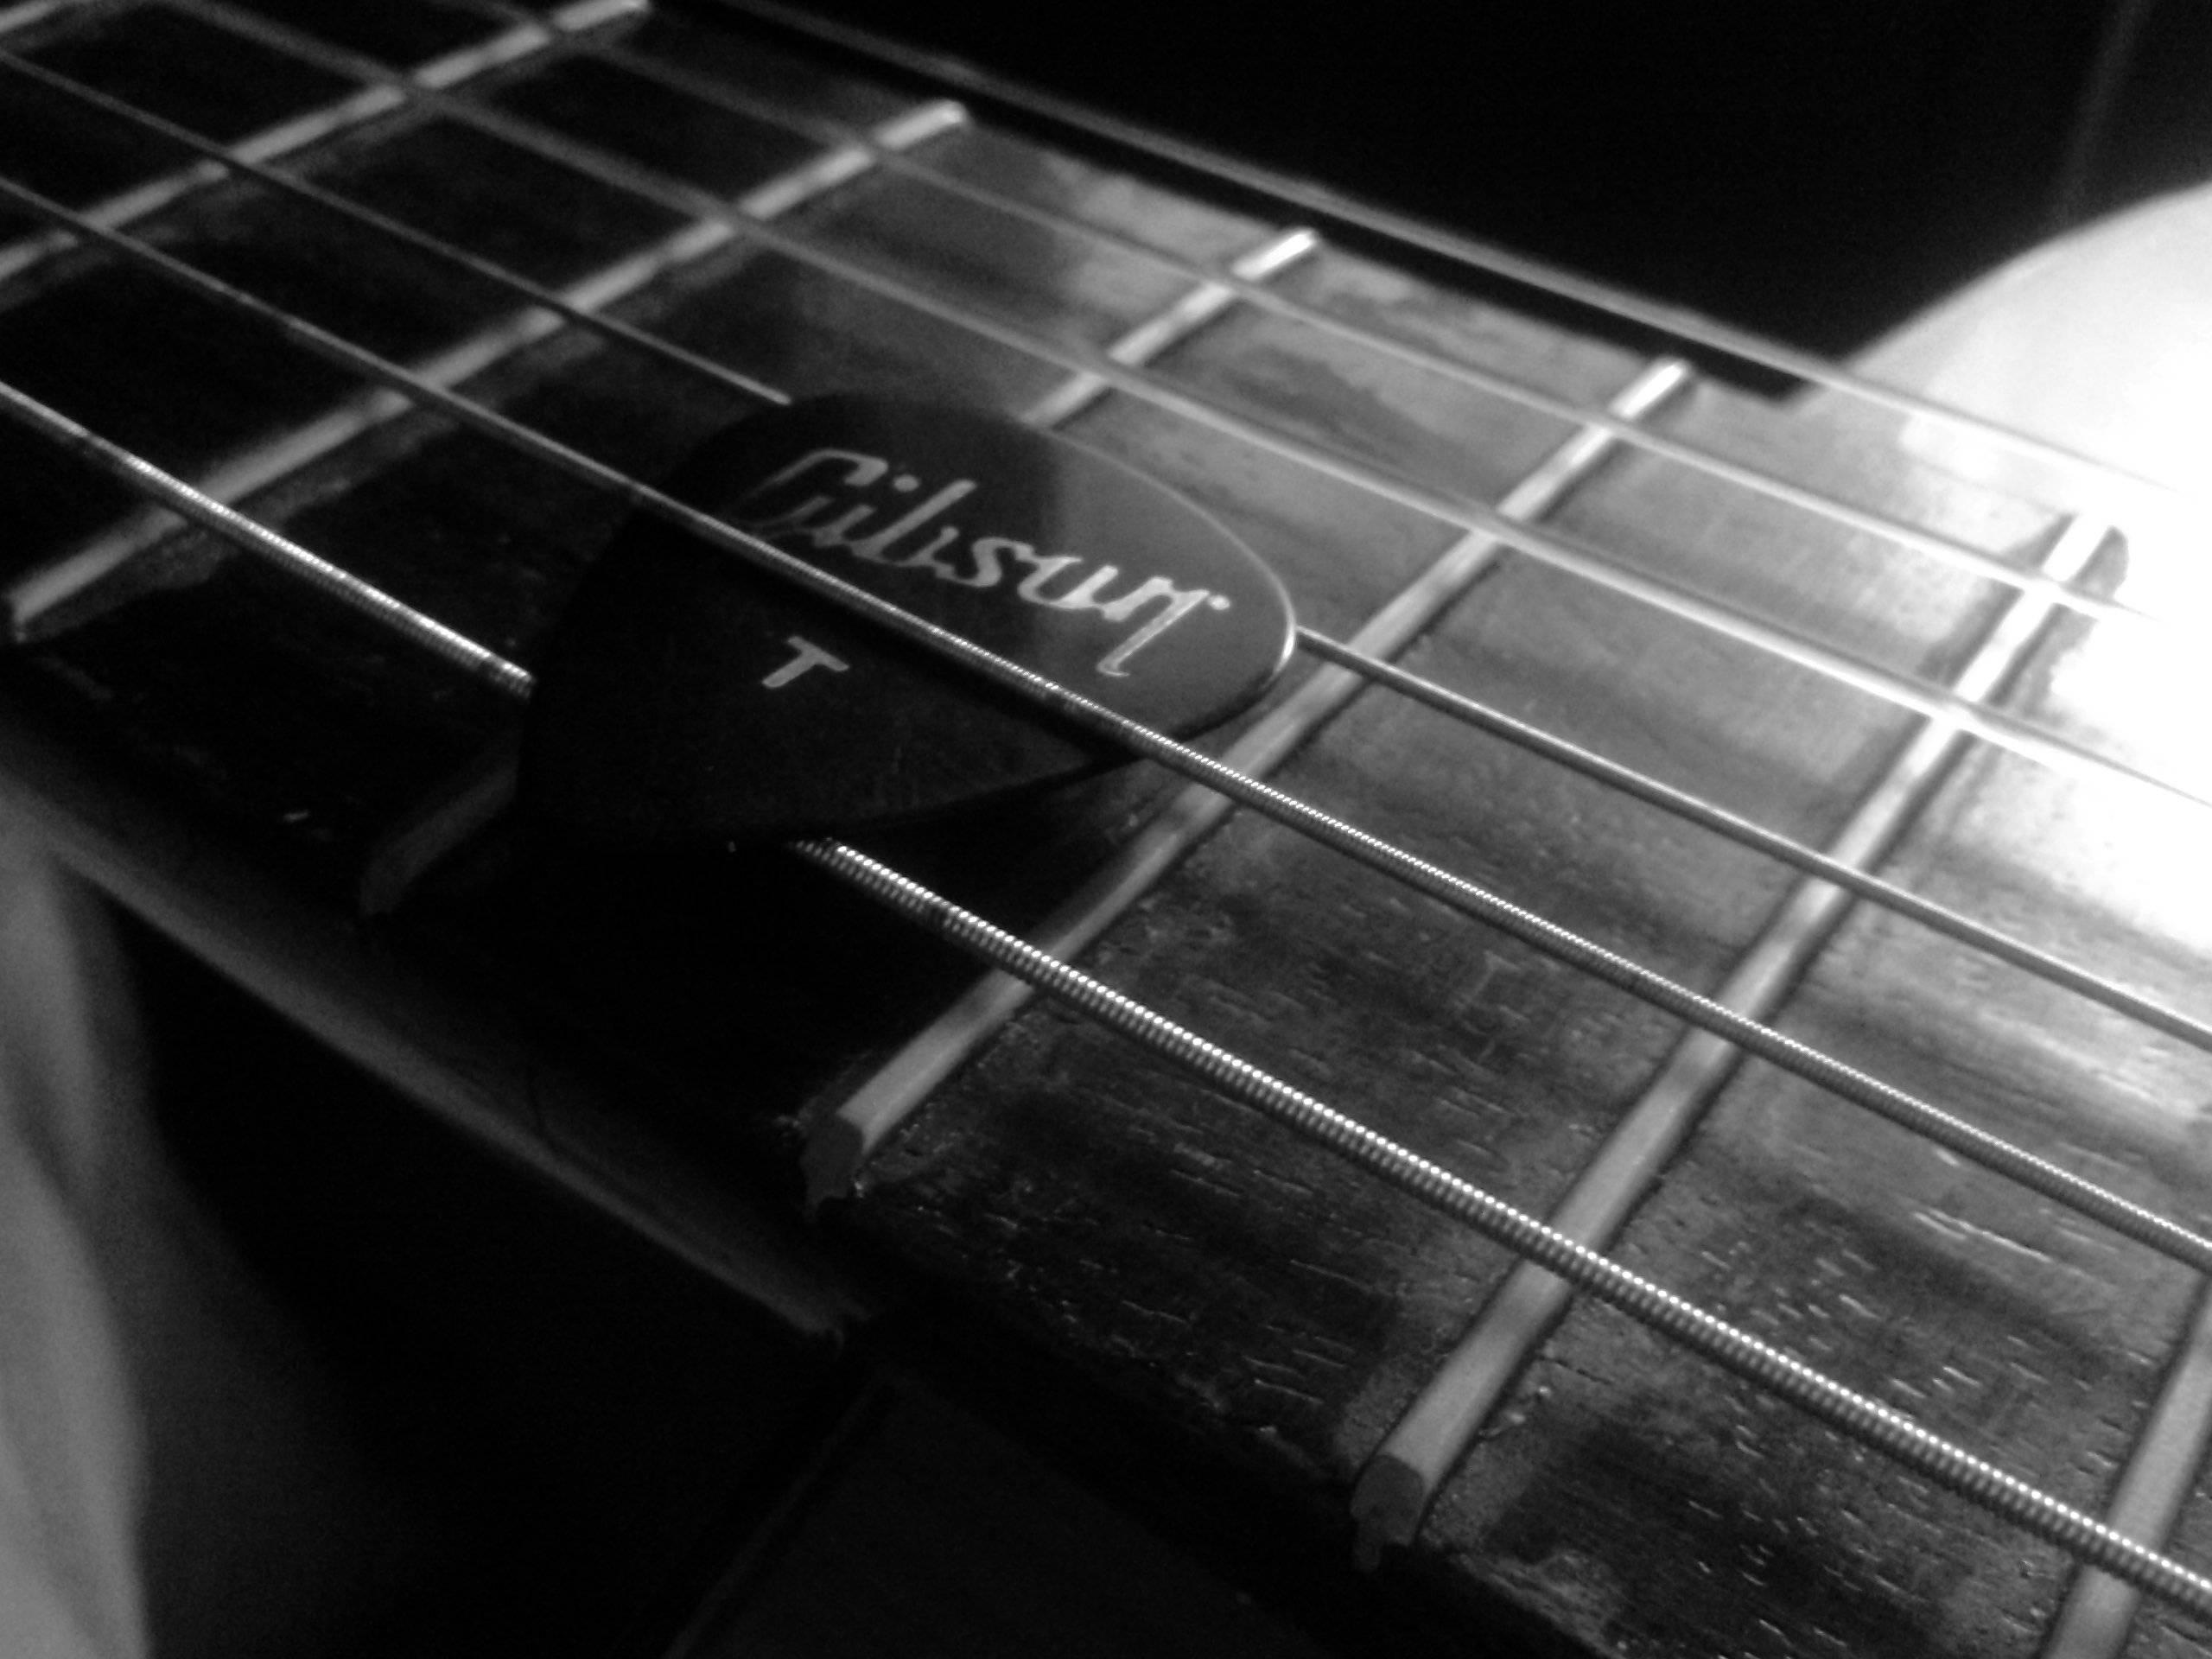 Gibson Wallpaper HD